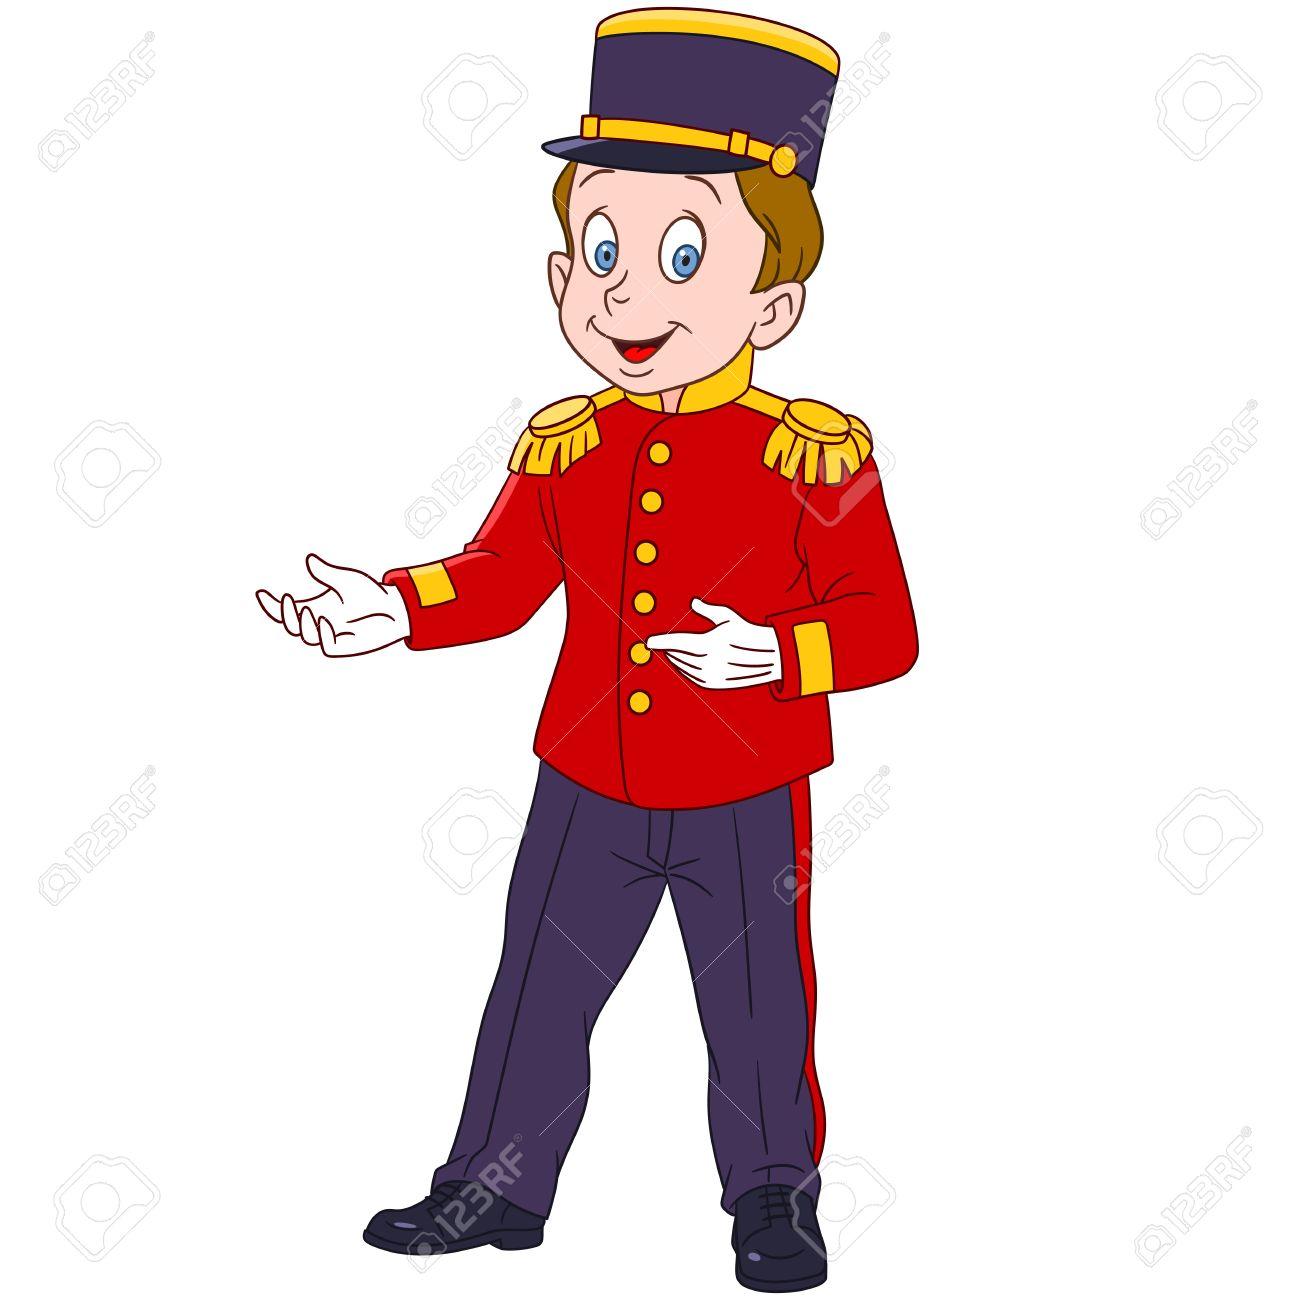 cute and happy cartoon indoor hotel porter (bellboy, bellman,...